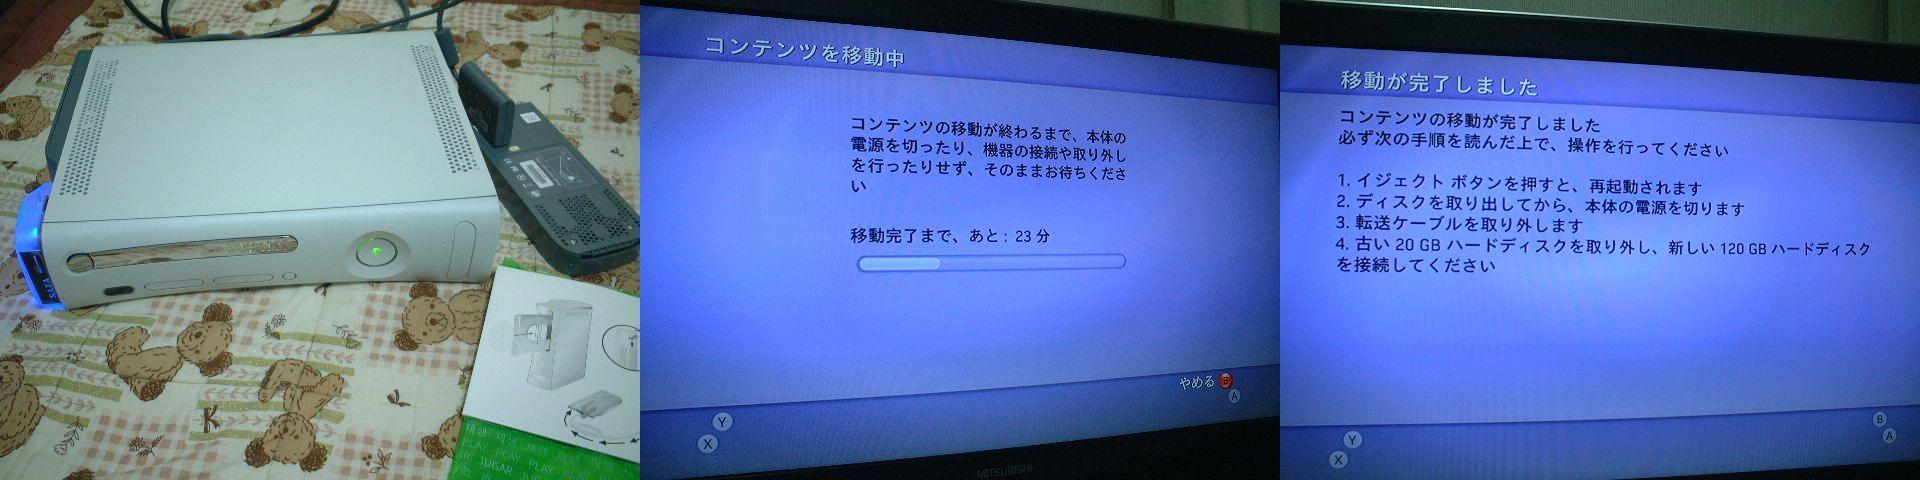 b0030122_1955797.jpg